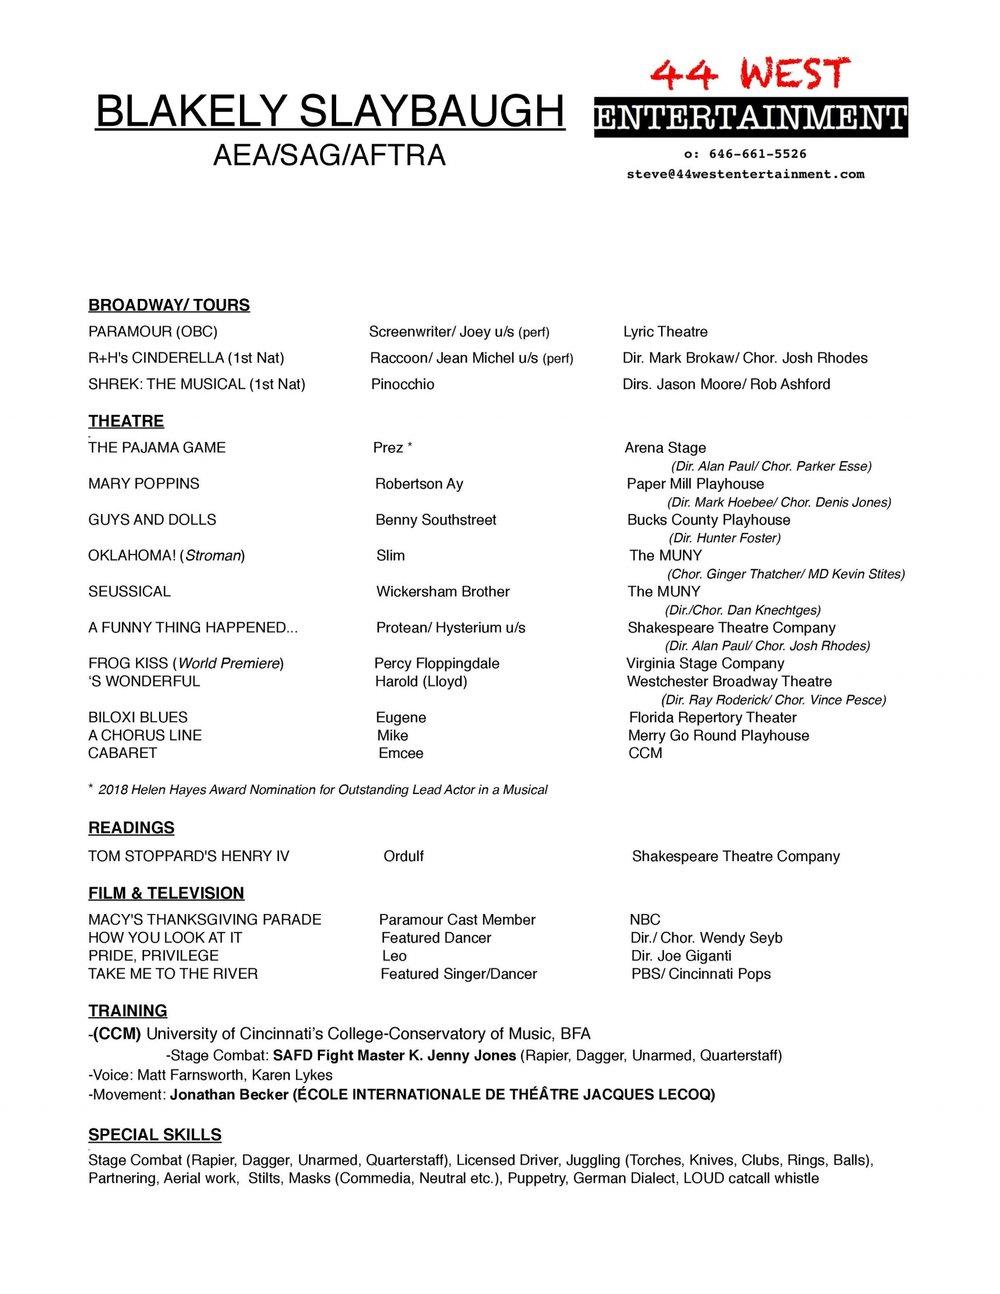 Blakely s 44 West Resume.jpg